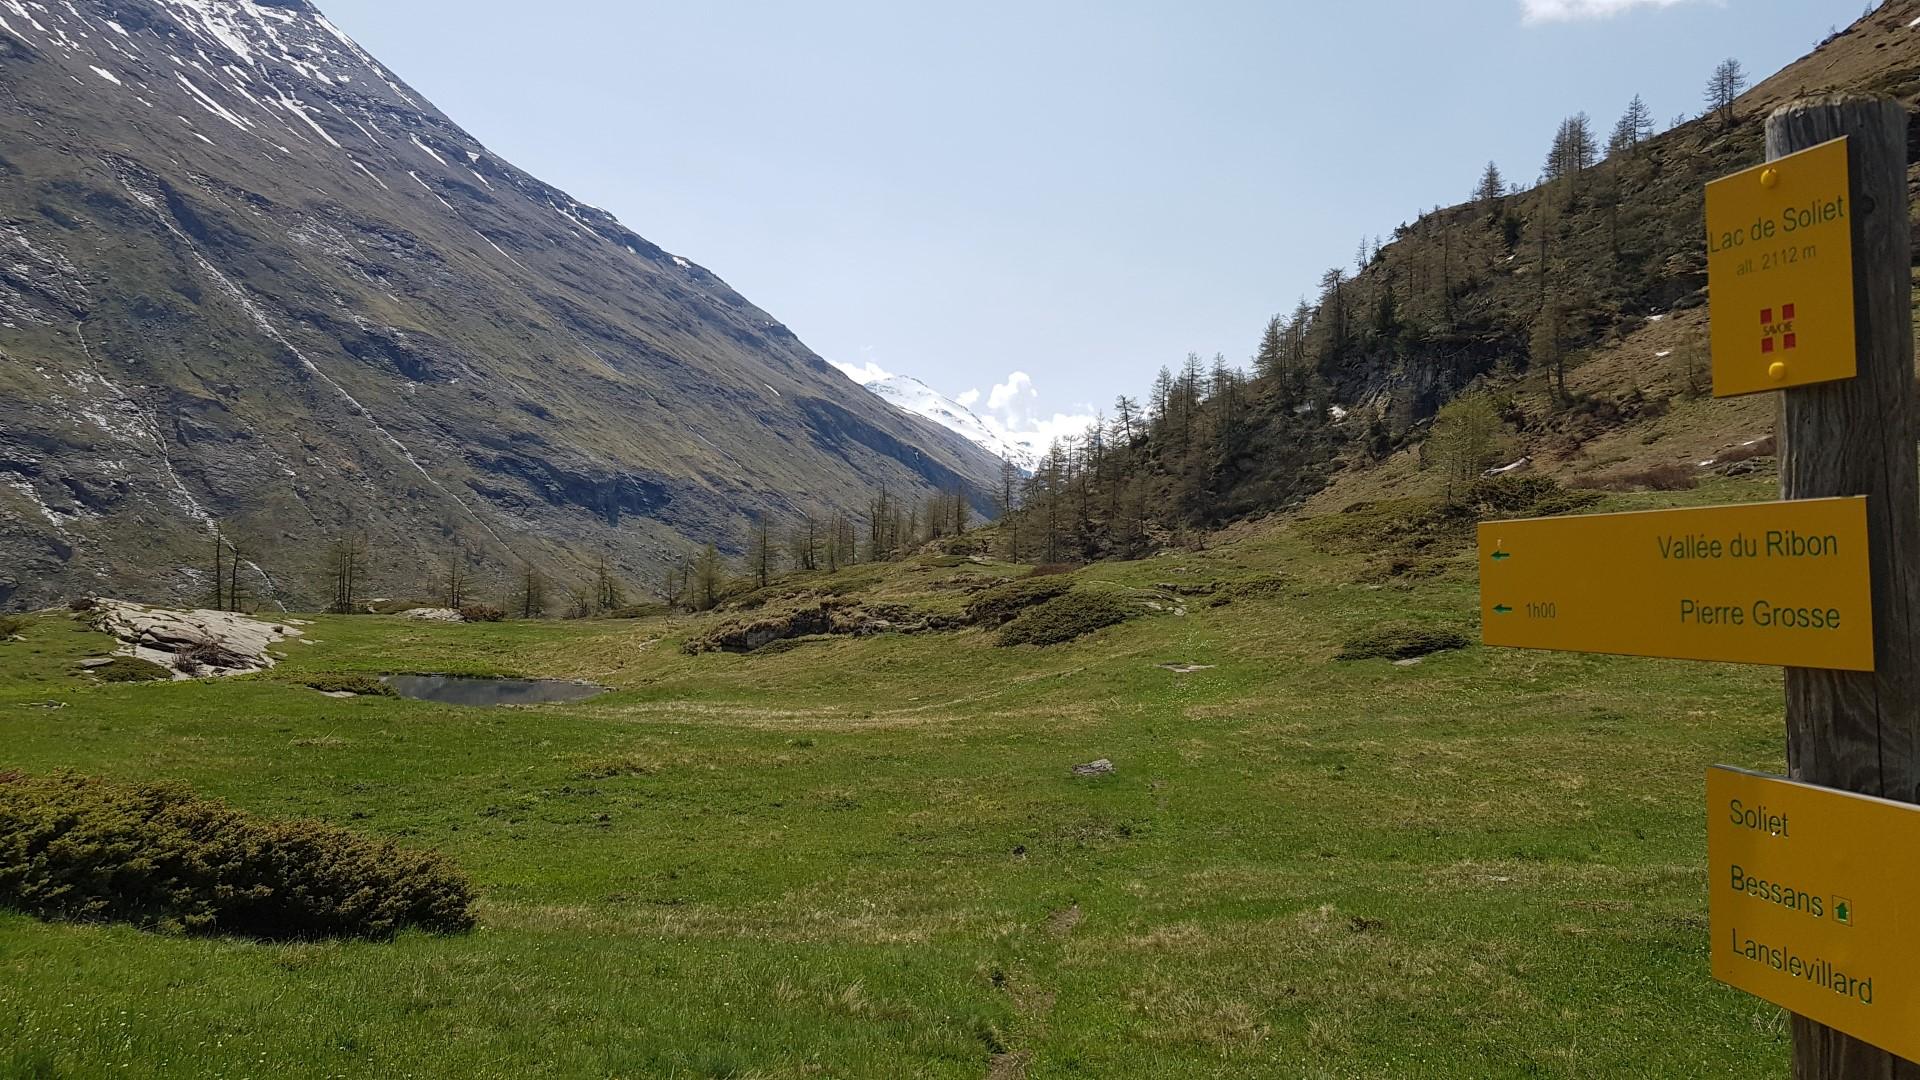 Itinéraire de randonnée pédestre : le Lac de Soliet et vallée du Ribon